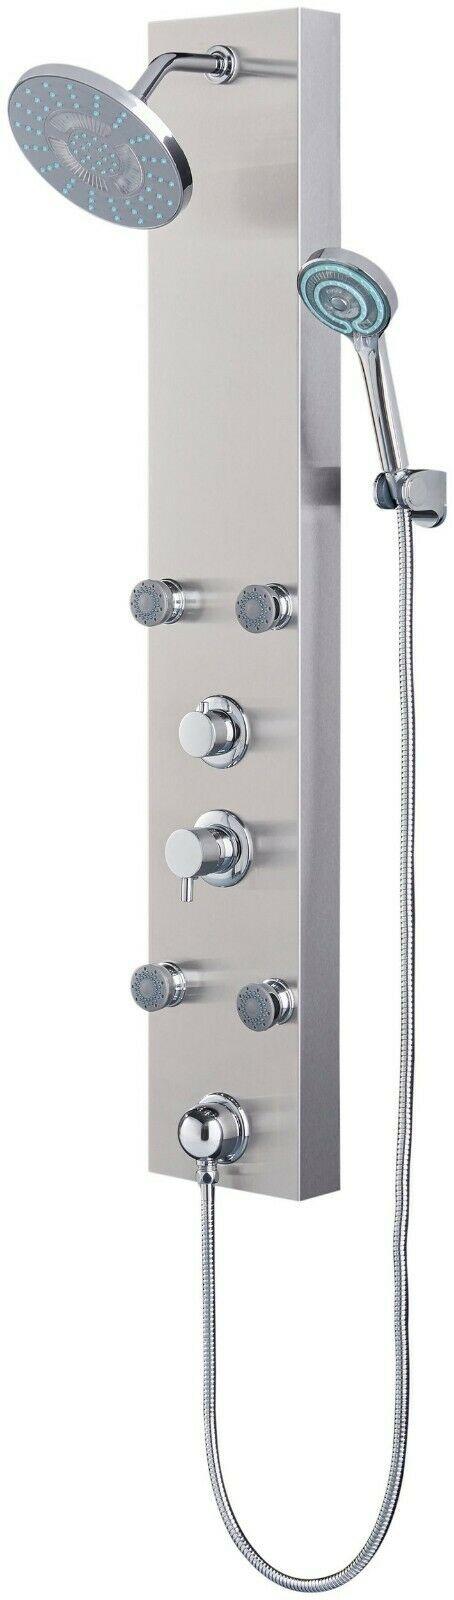 Duschsäule Edelstahlduschsäule LED B52155251 UVP 279,99€ | Duschsule Edelstahlduschsule LED B52155251 UVP 27999 333556980328